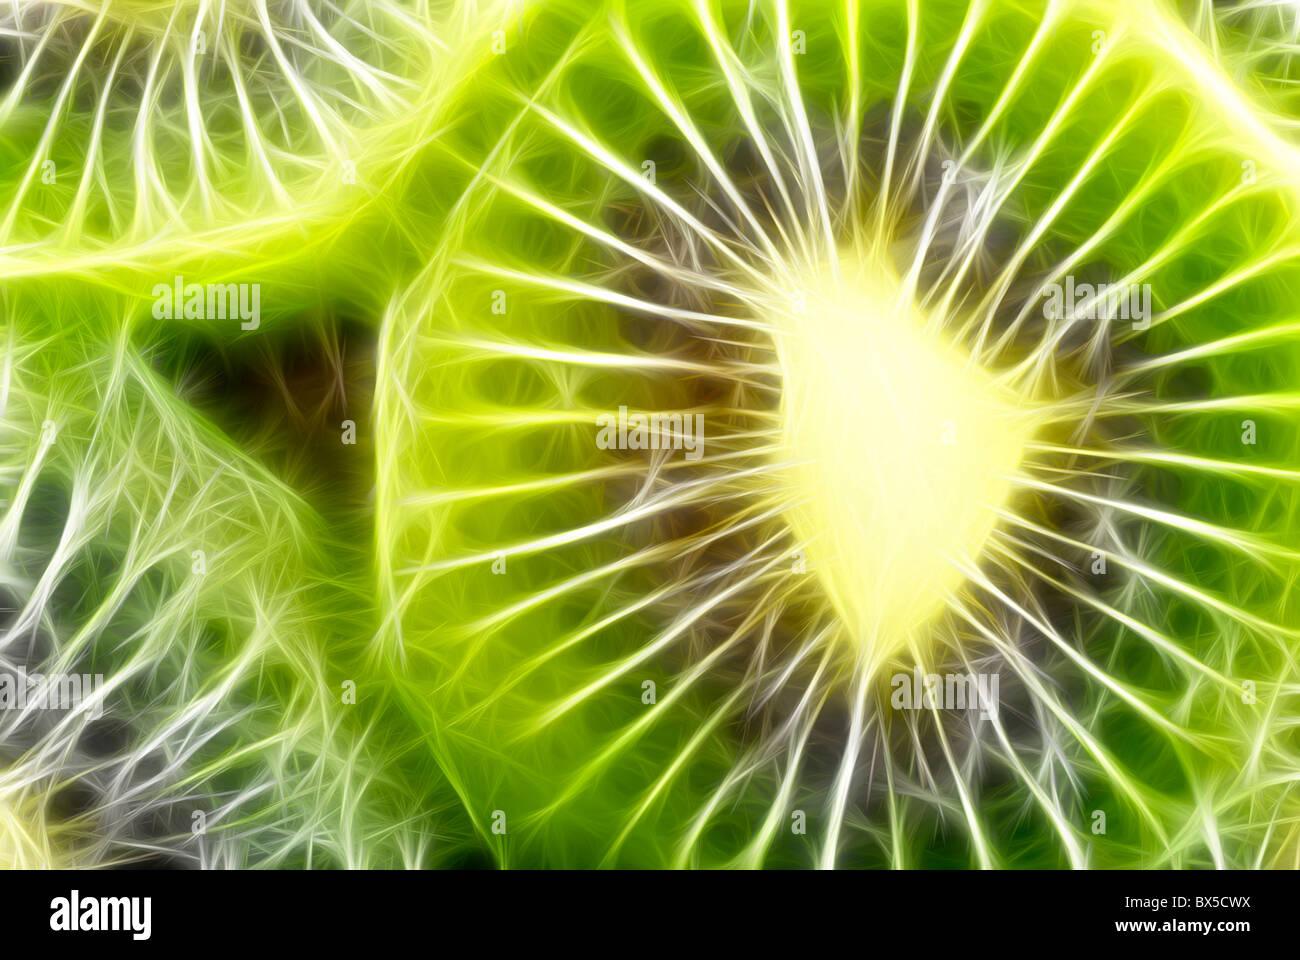 Qualitativ hochwertige abstrakte Fraktal gerendert Kiwi als Hintergrund, Hintergrundbilder oder Hintergrund. Stockfoto